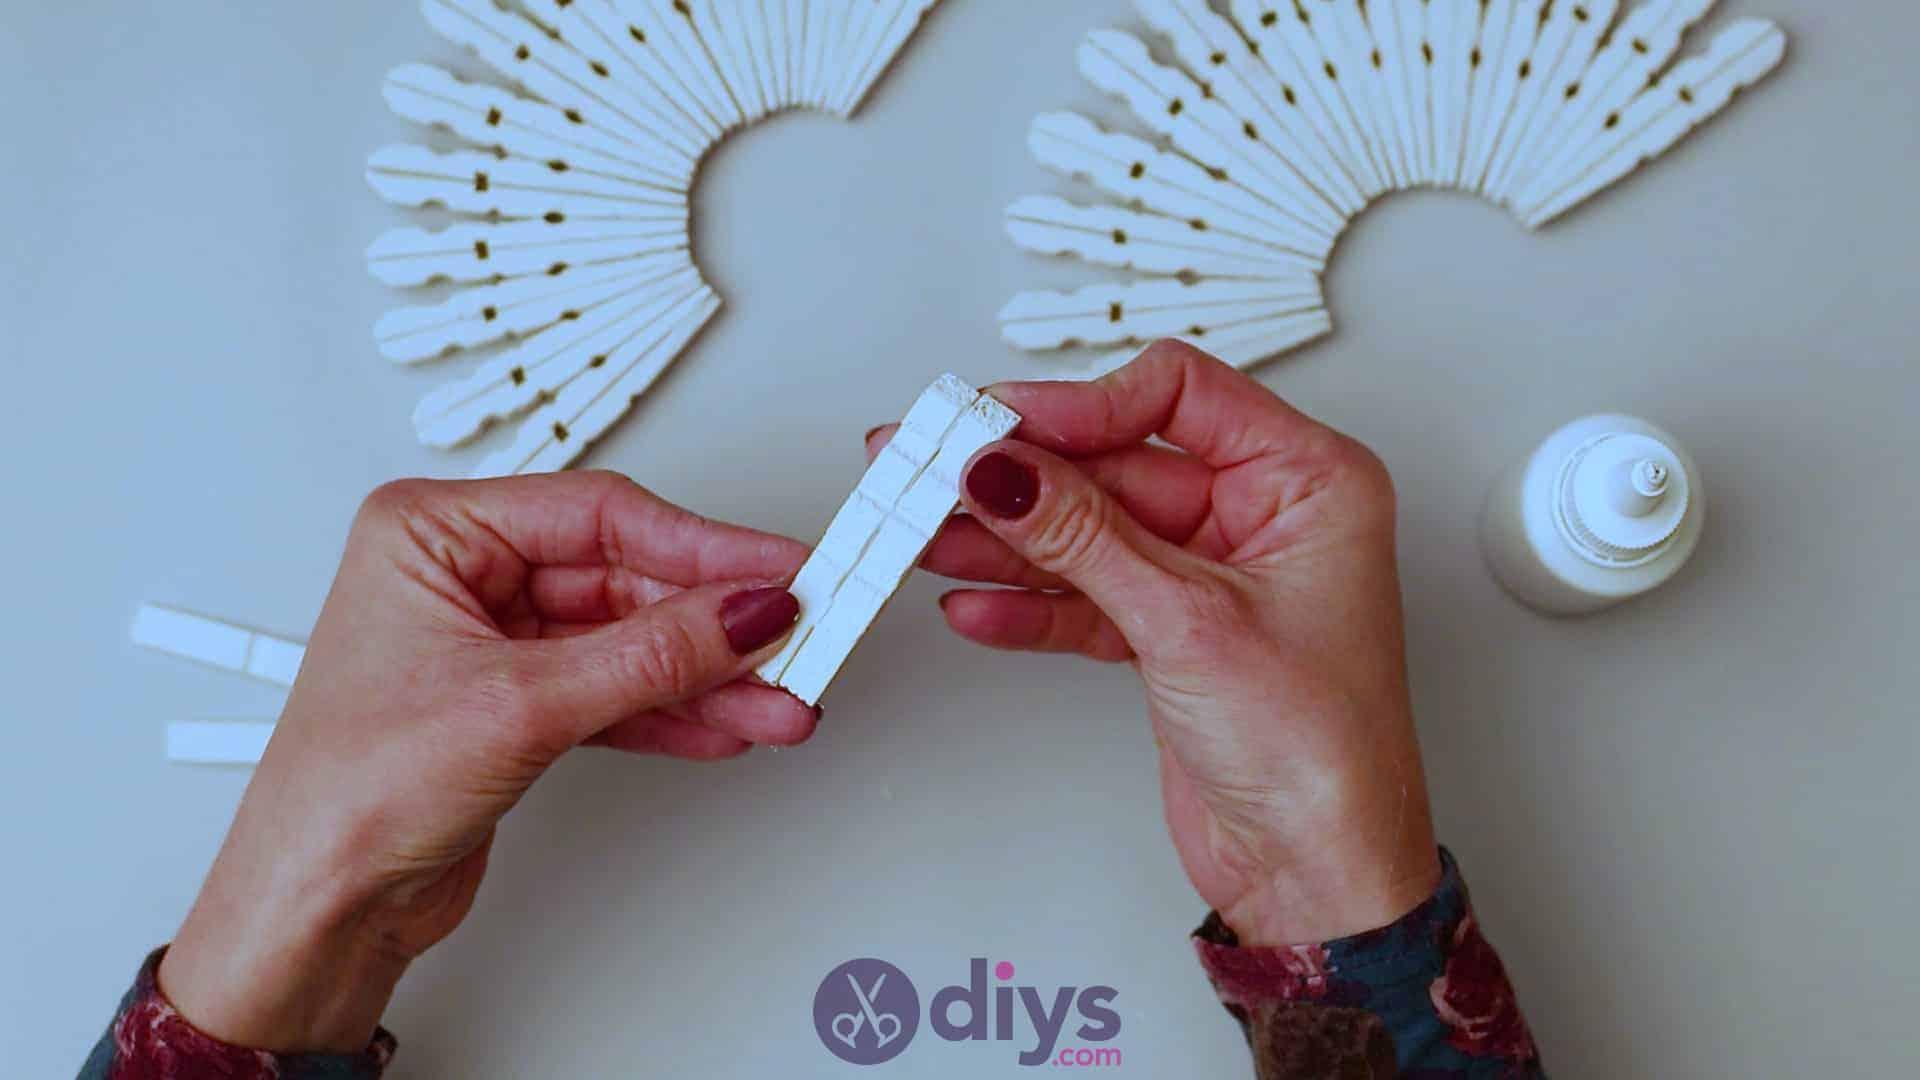 Diy clothespin napkin holder step 6e